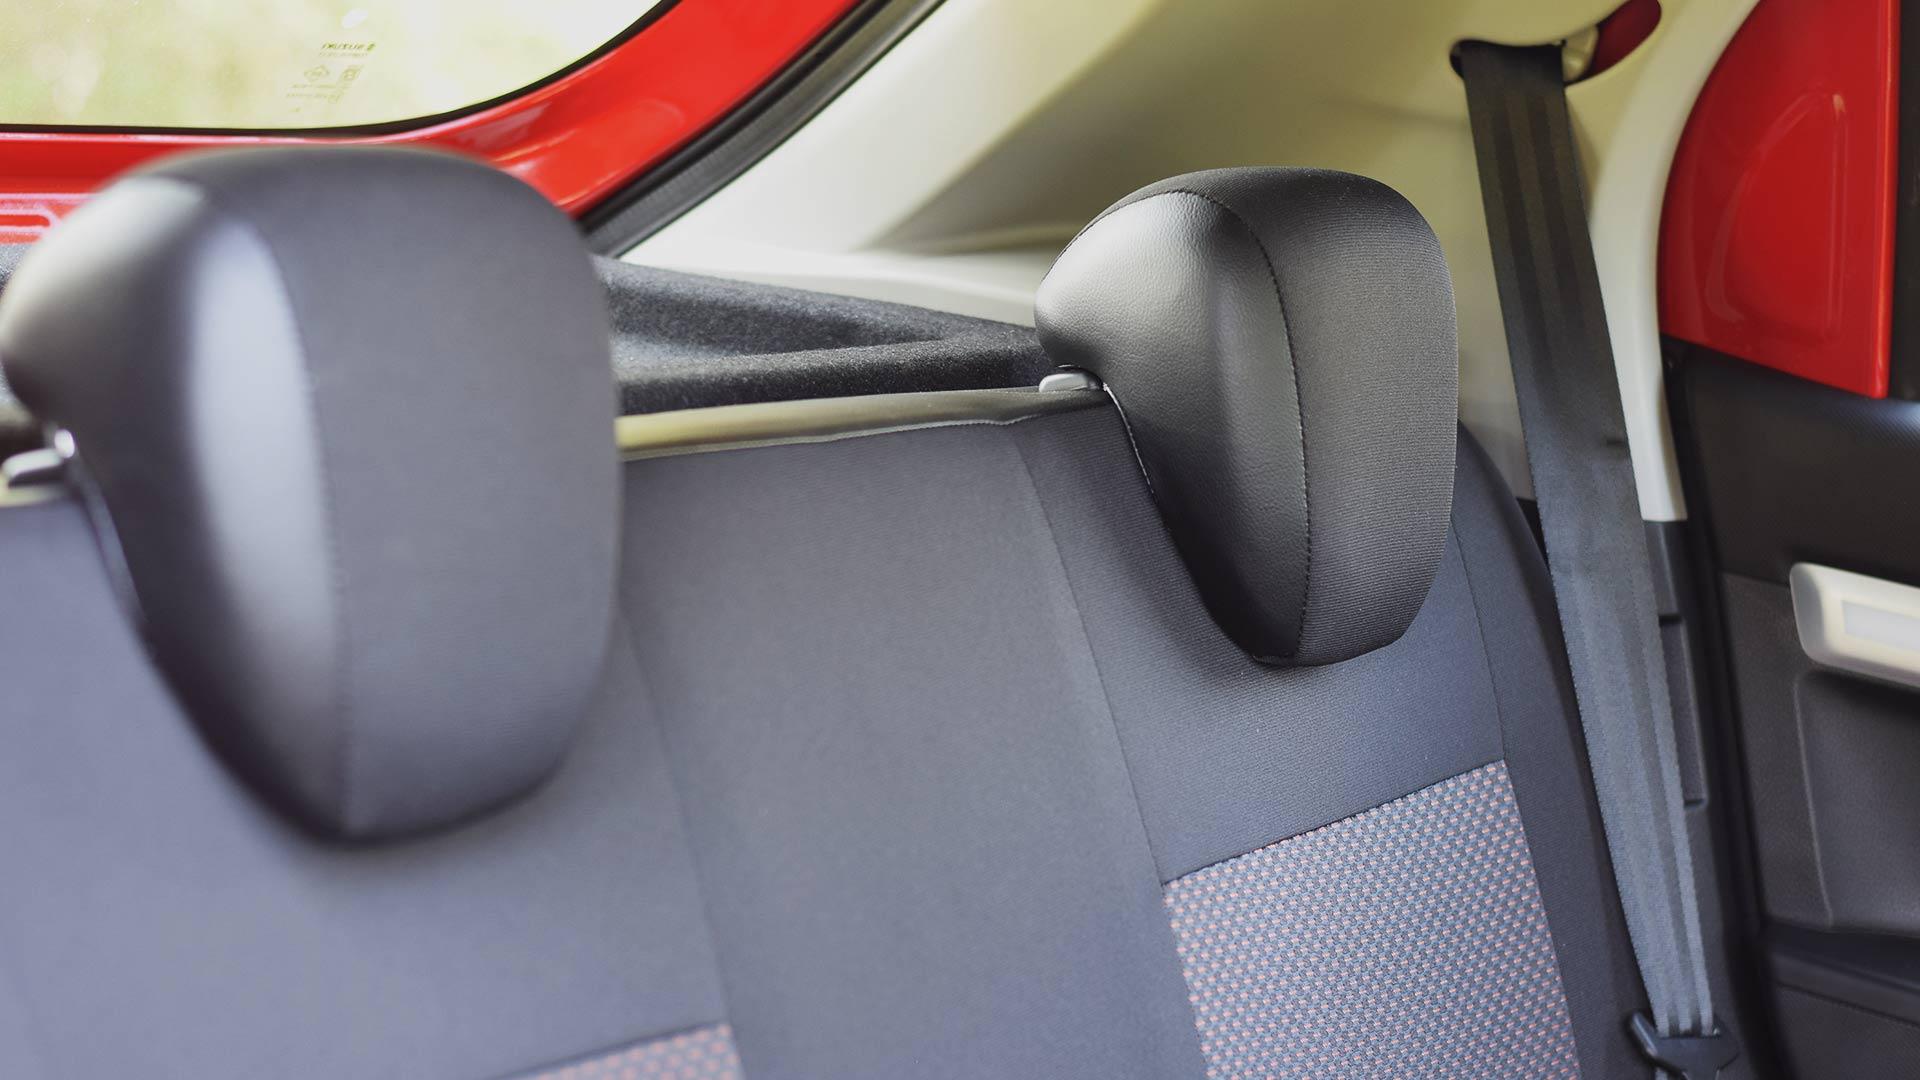 The Suzuki S-Presso rear passenger seats